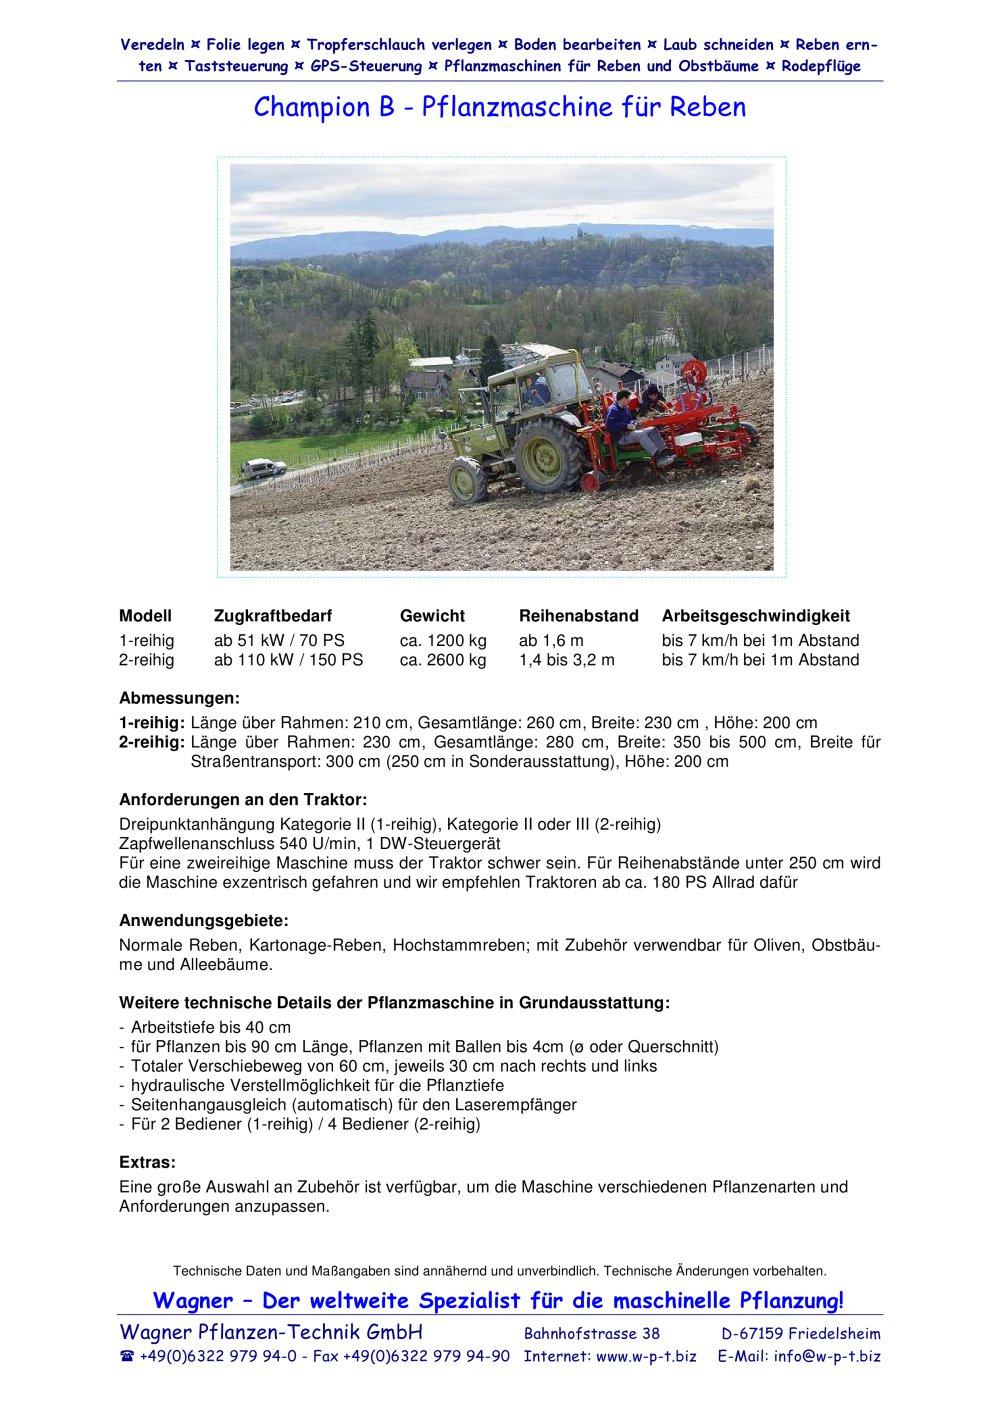 Champion B - Wagner Pflanzen-Technik GmbH - PDF Katalog   technische ...